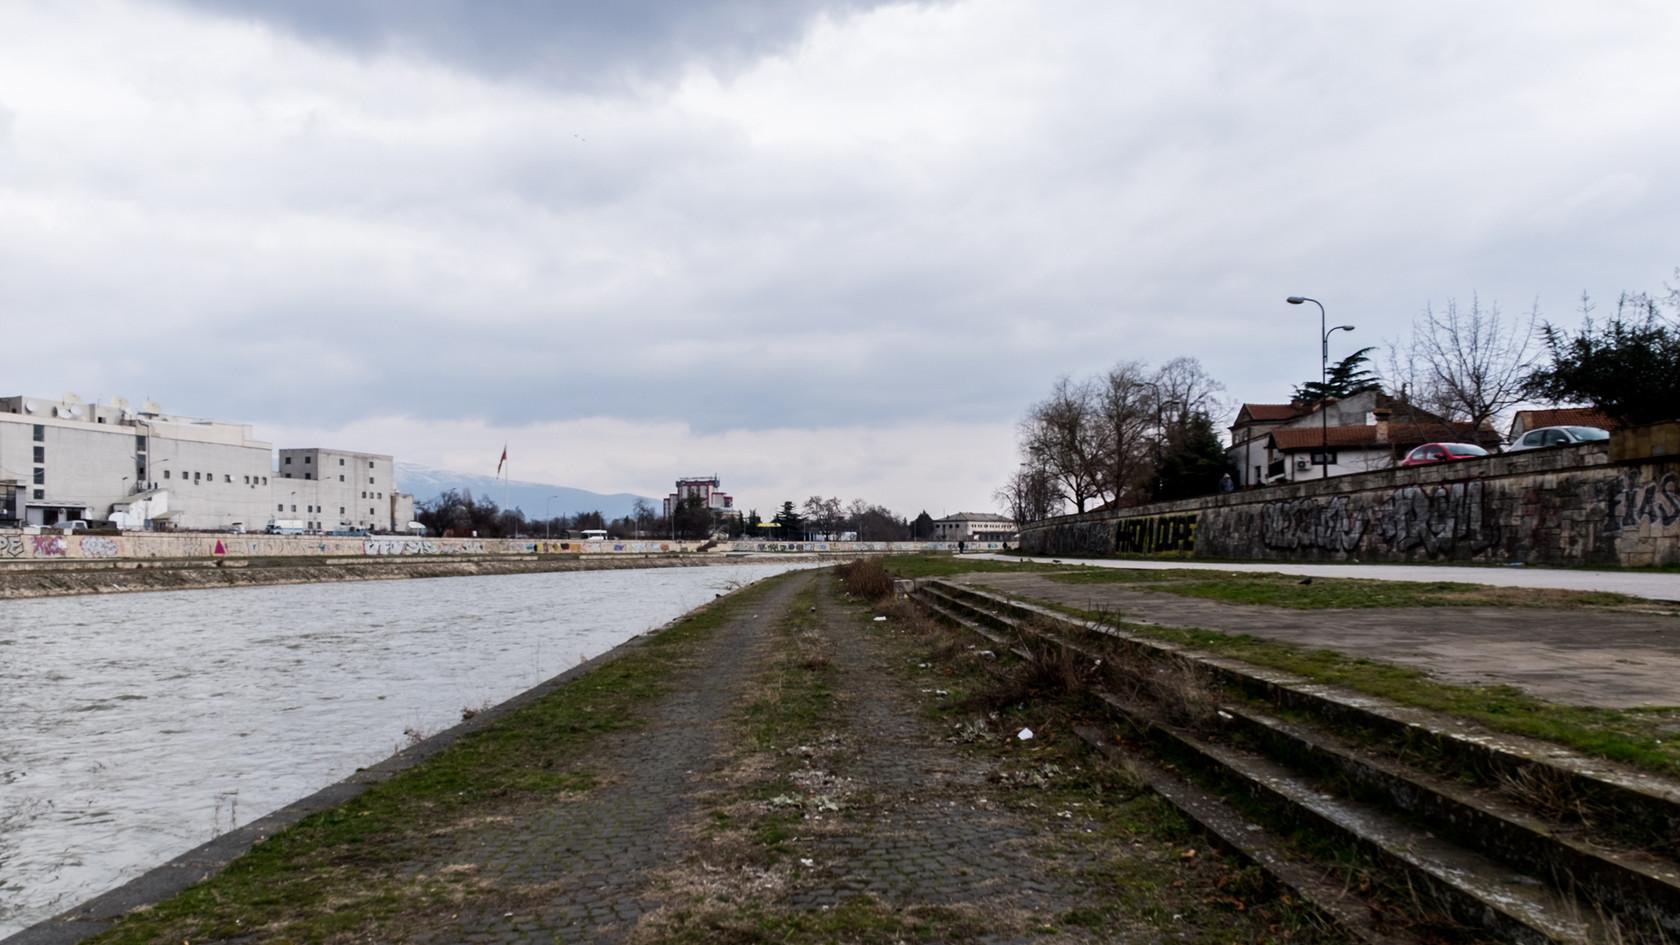 Skopje_Fotoserie_Laura-Hadorn_3.jpg